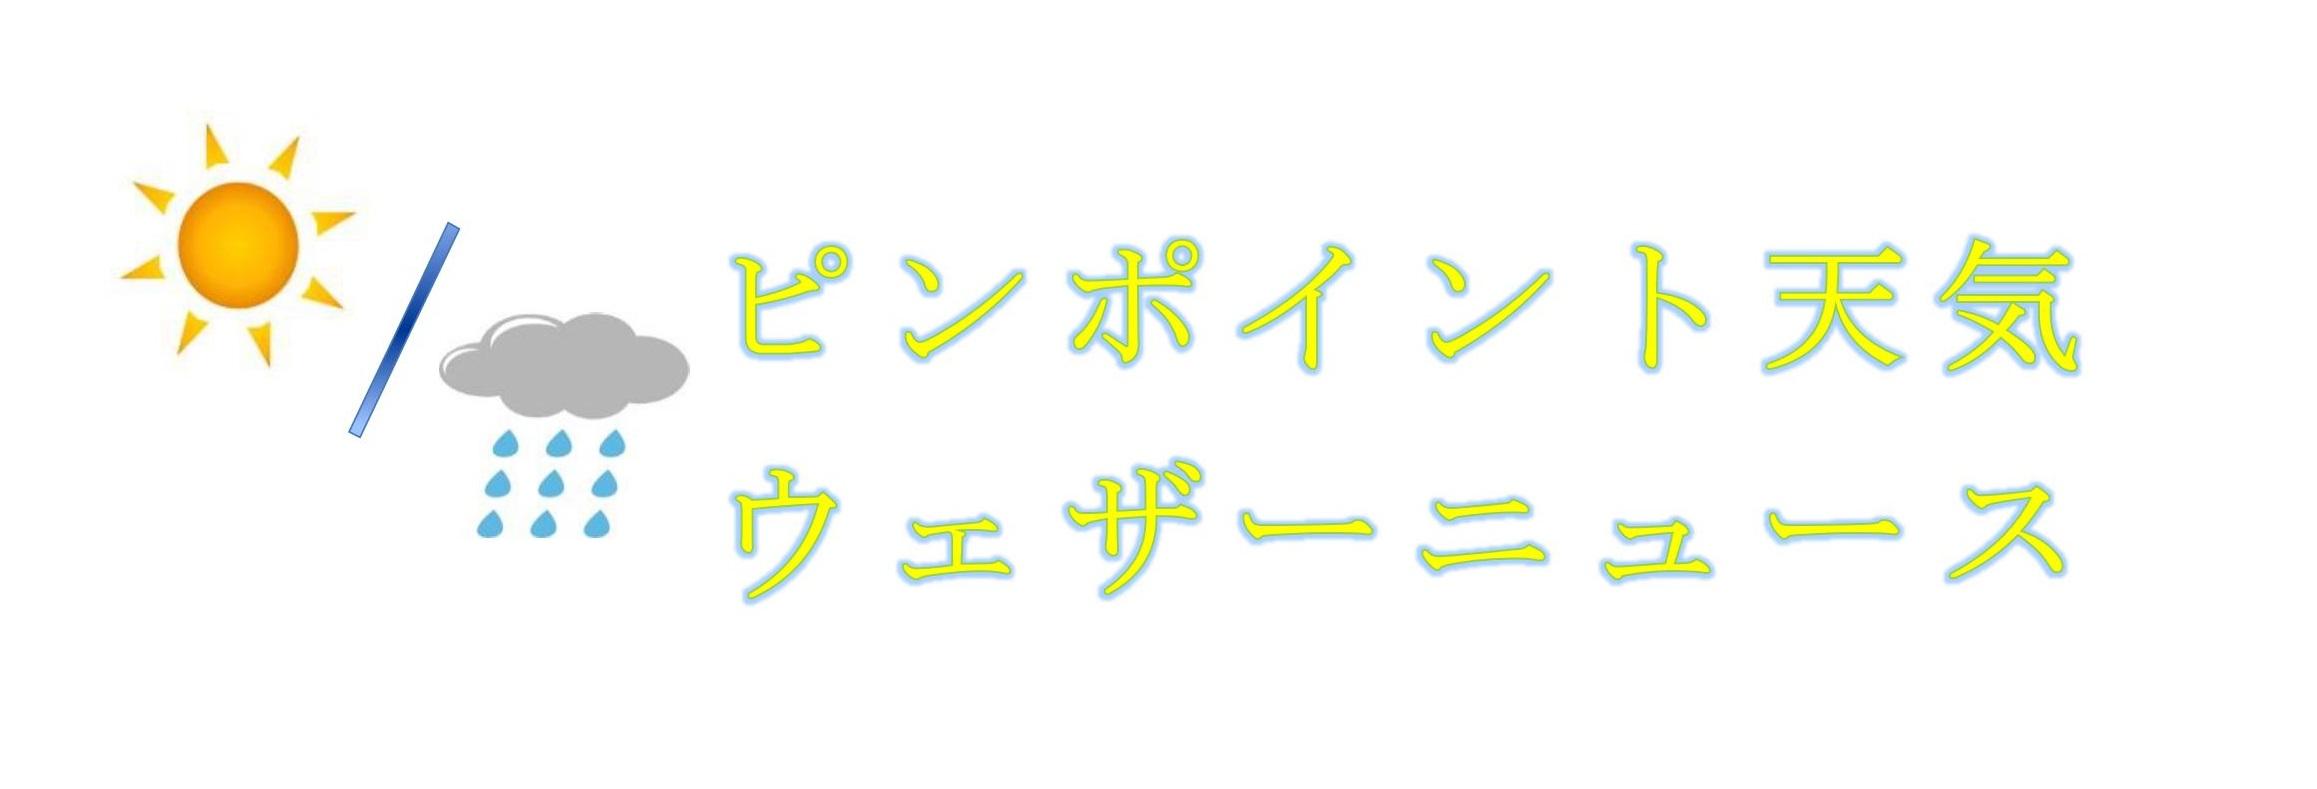 ピンポイント天気(草津)ウェザーニュース